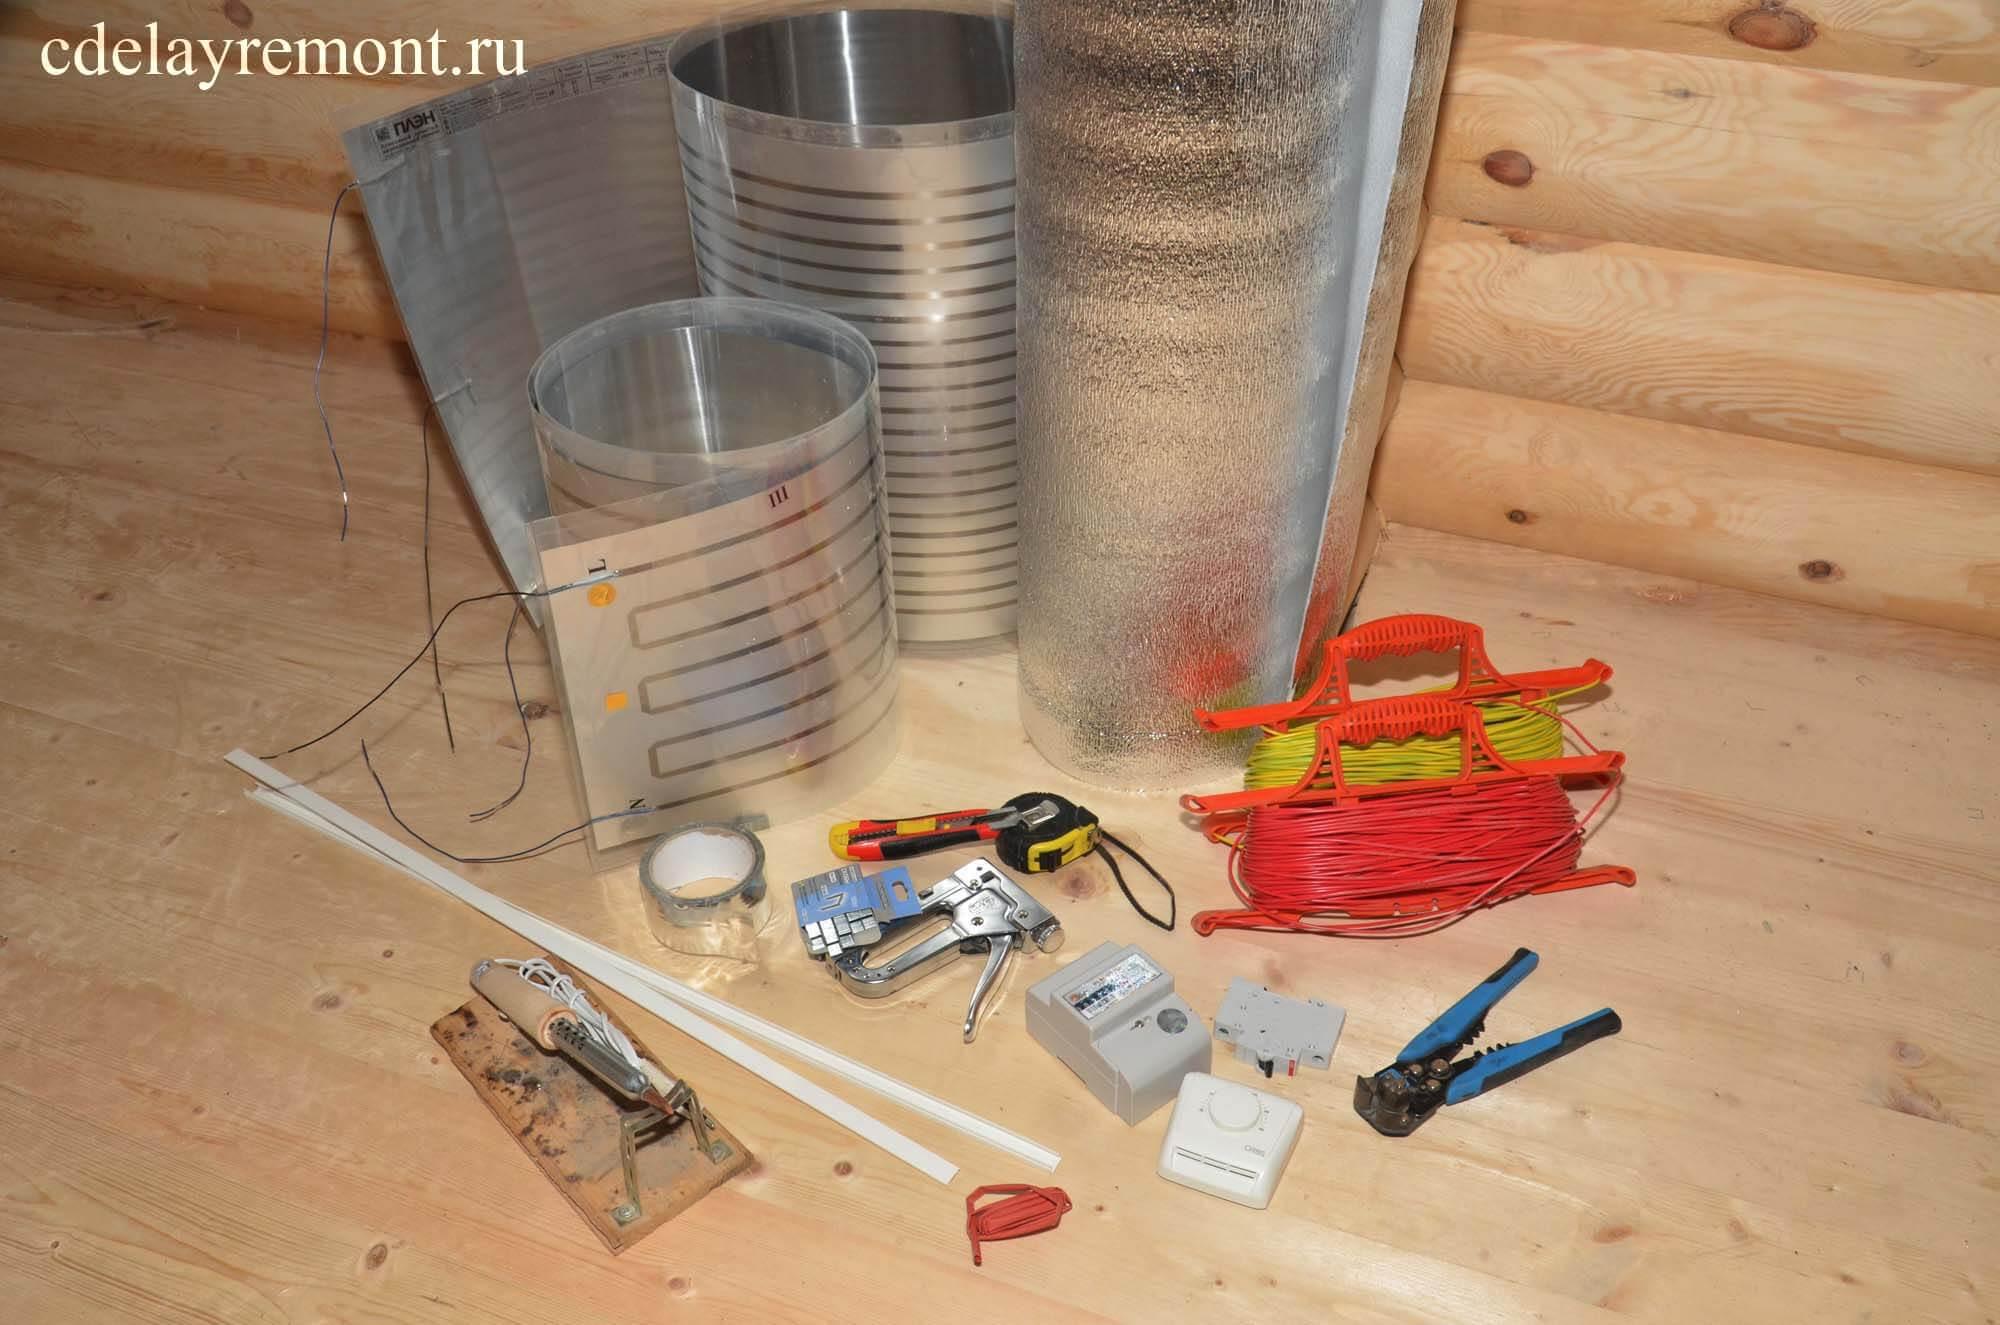 Основные материалы и инструменты, которые могут потребоваться при установке инфракрасного отопления ПЛЭН